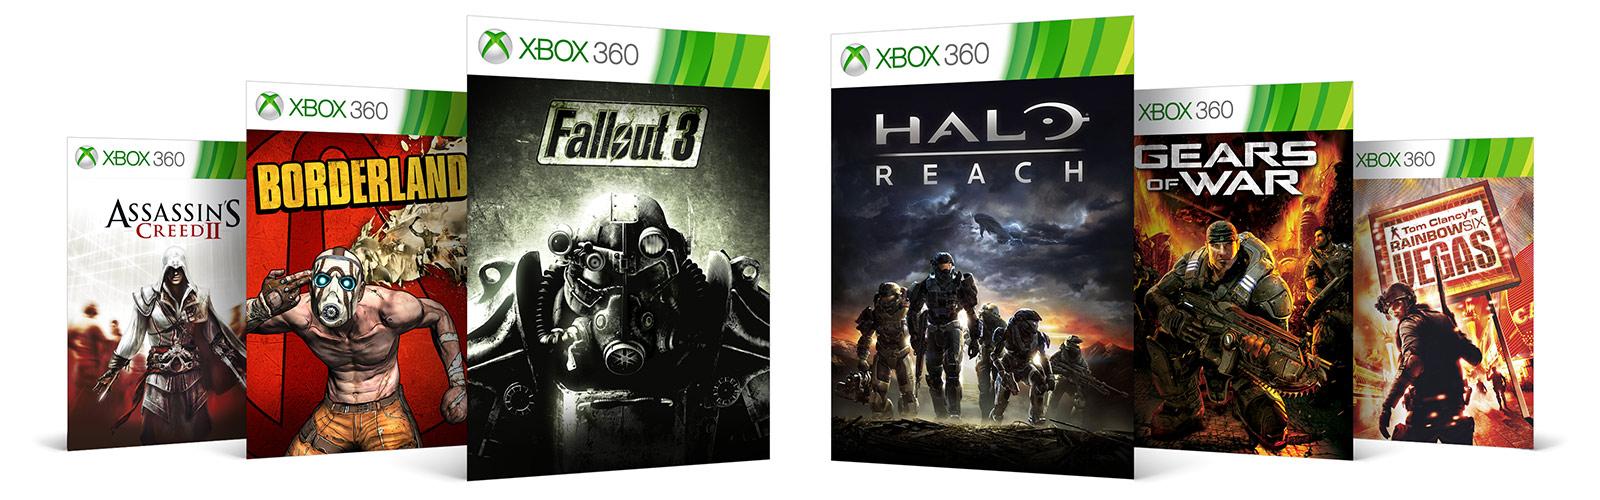 Xbox 360 Games Xbox